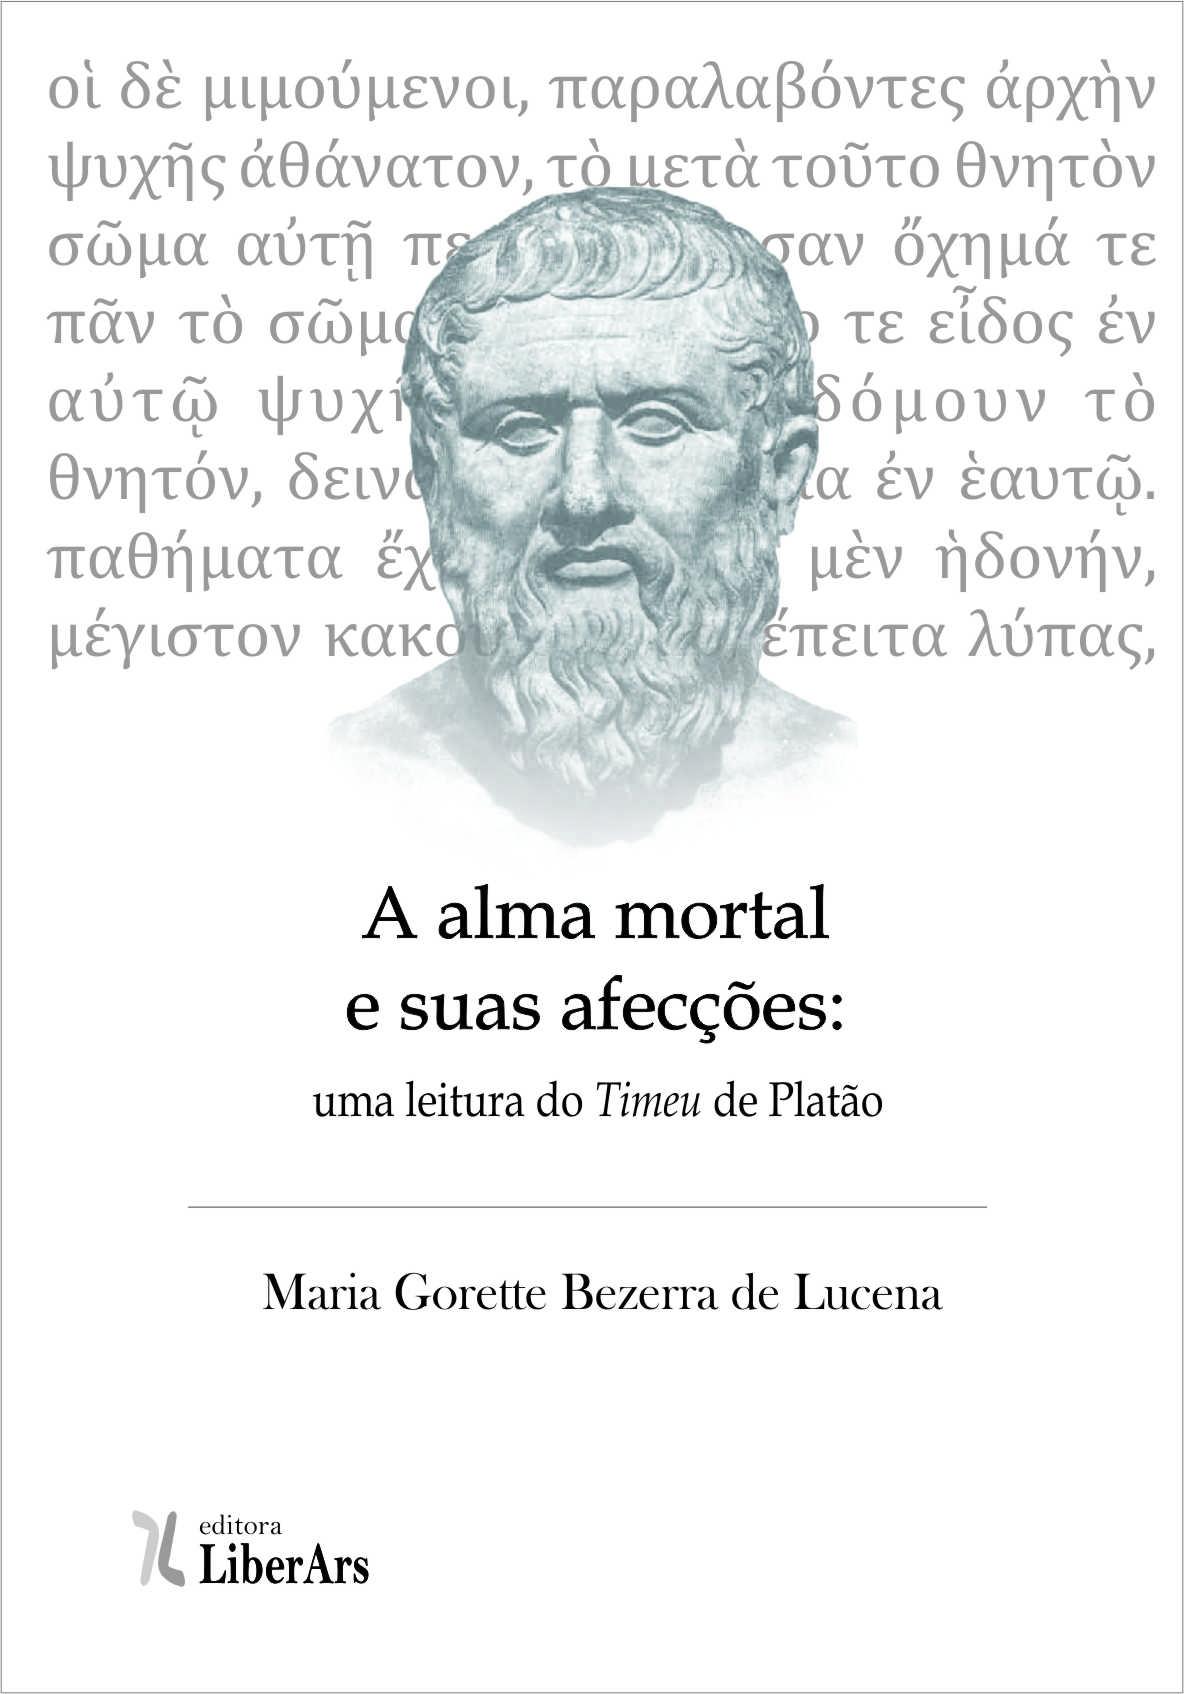 Alma mortal e suas afecções: uma leitura do Timeu de Platão, a, livro de Maria Gorette Bezerra de Lucena